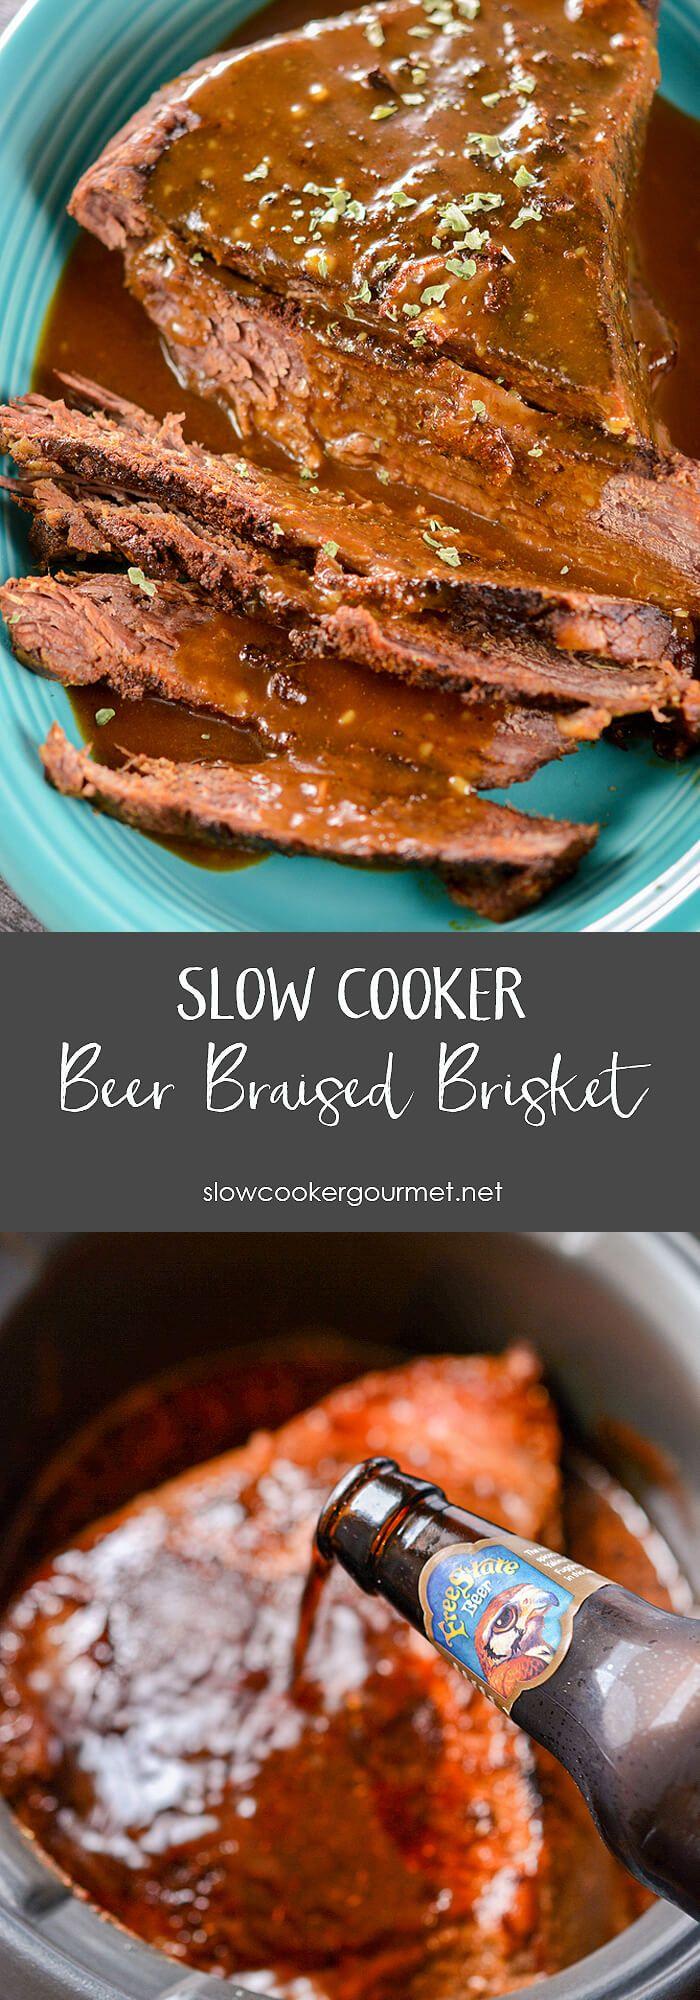 Slow Cooker Beer Braised Brisket